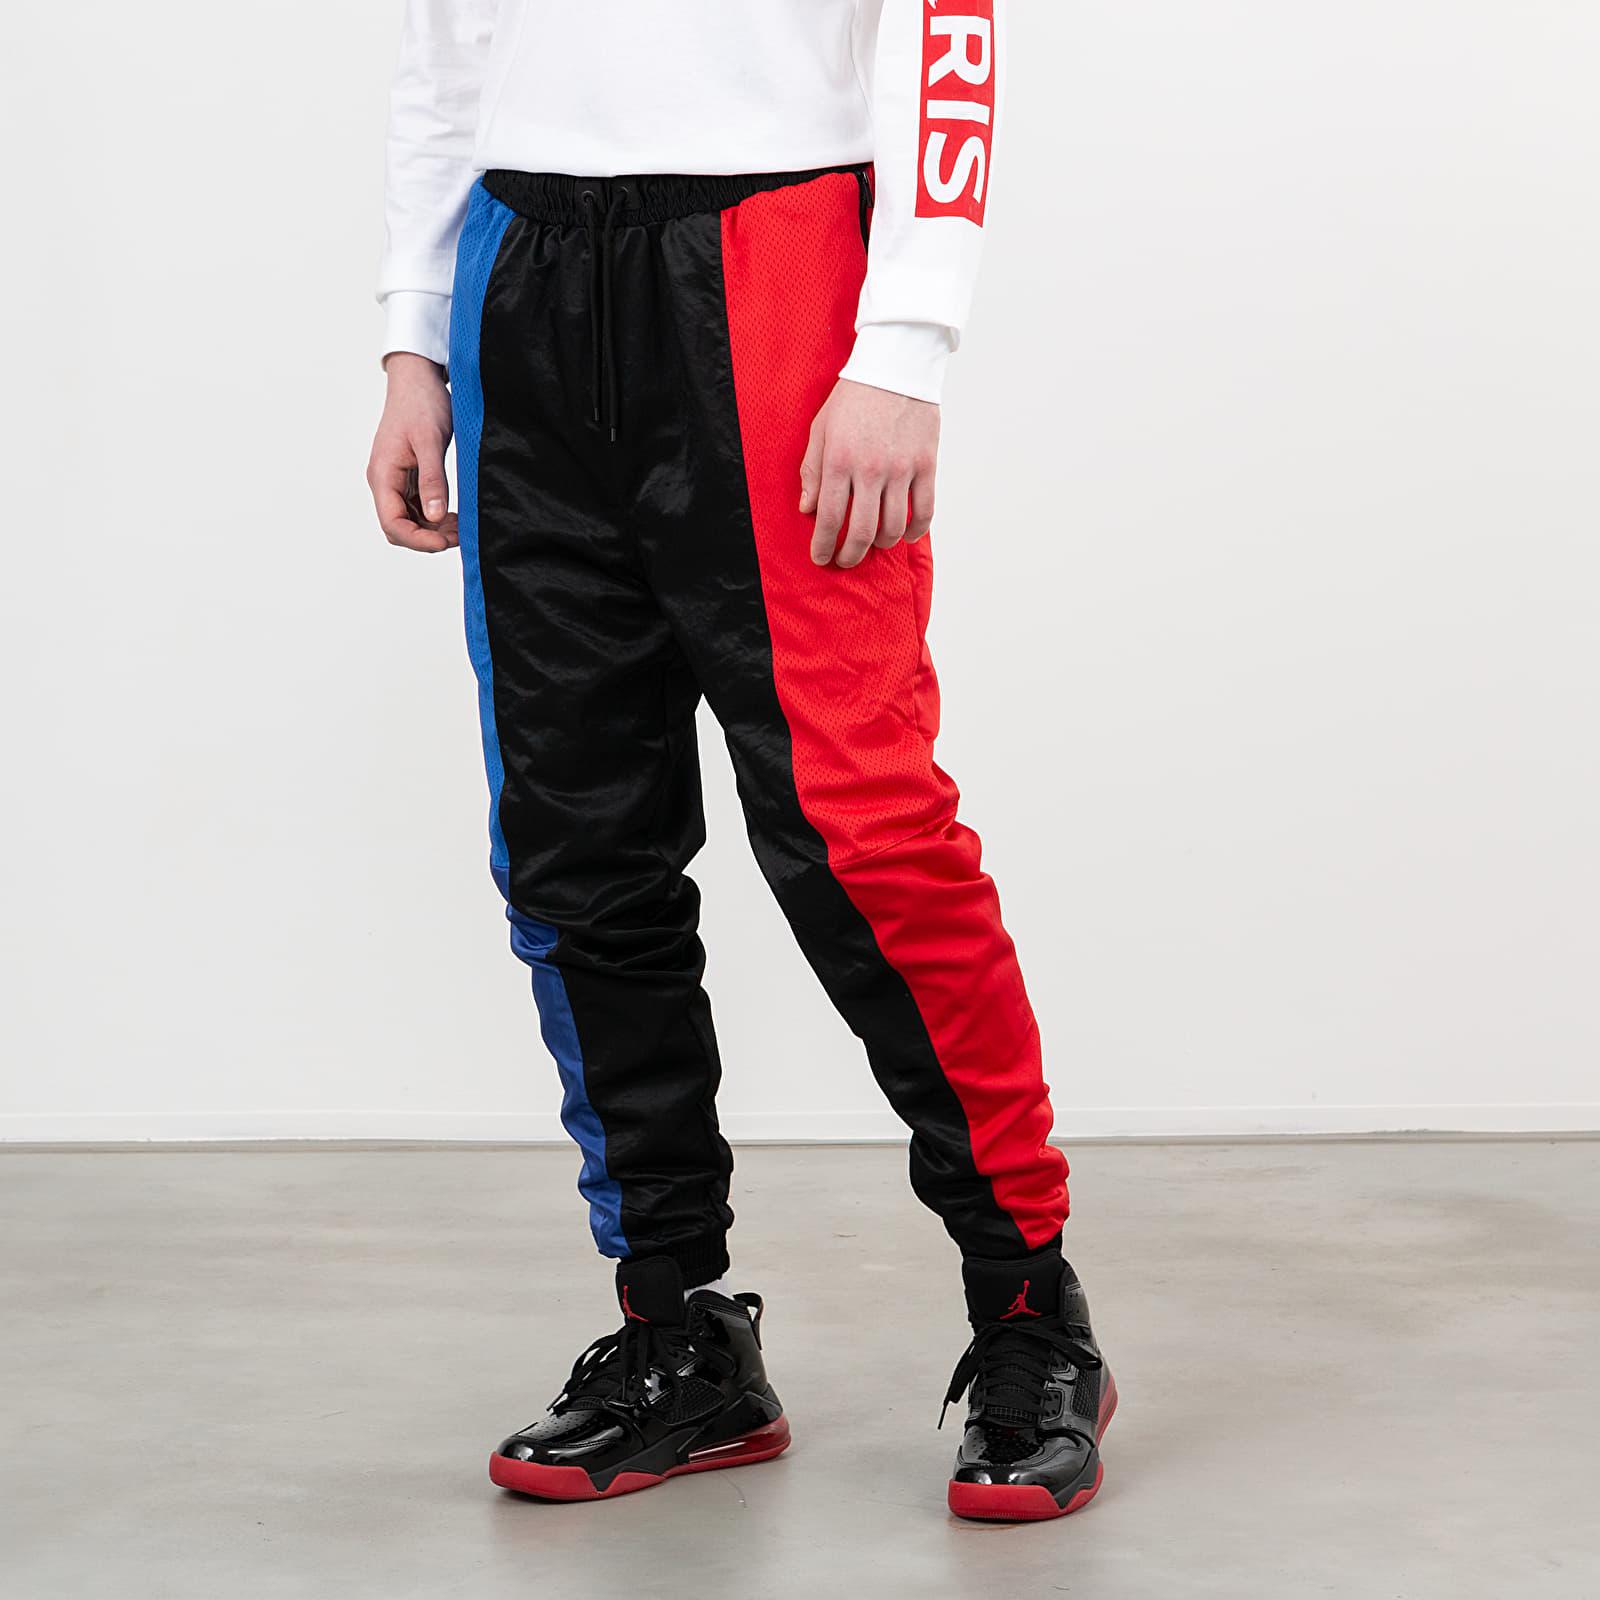 Pants and jeans Jordan Paris Saint